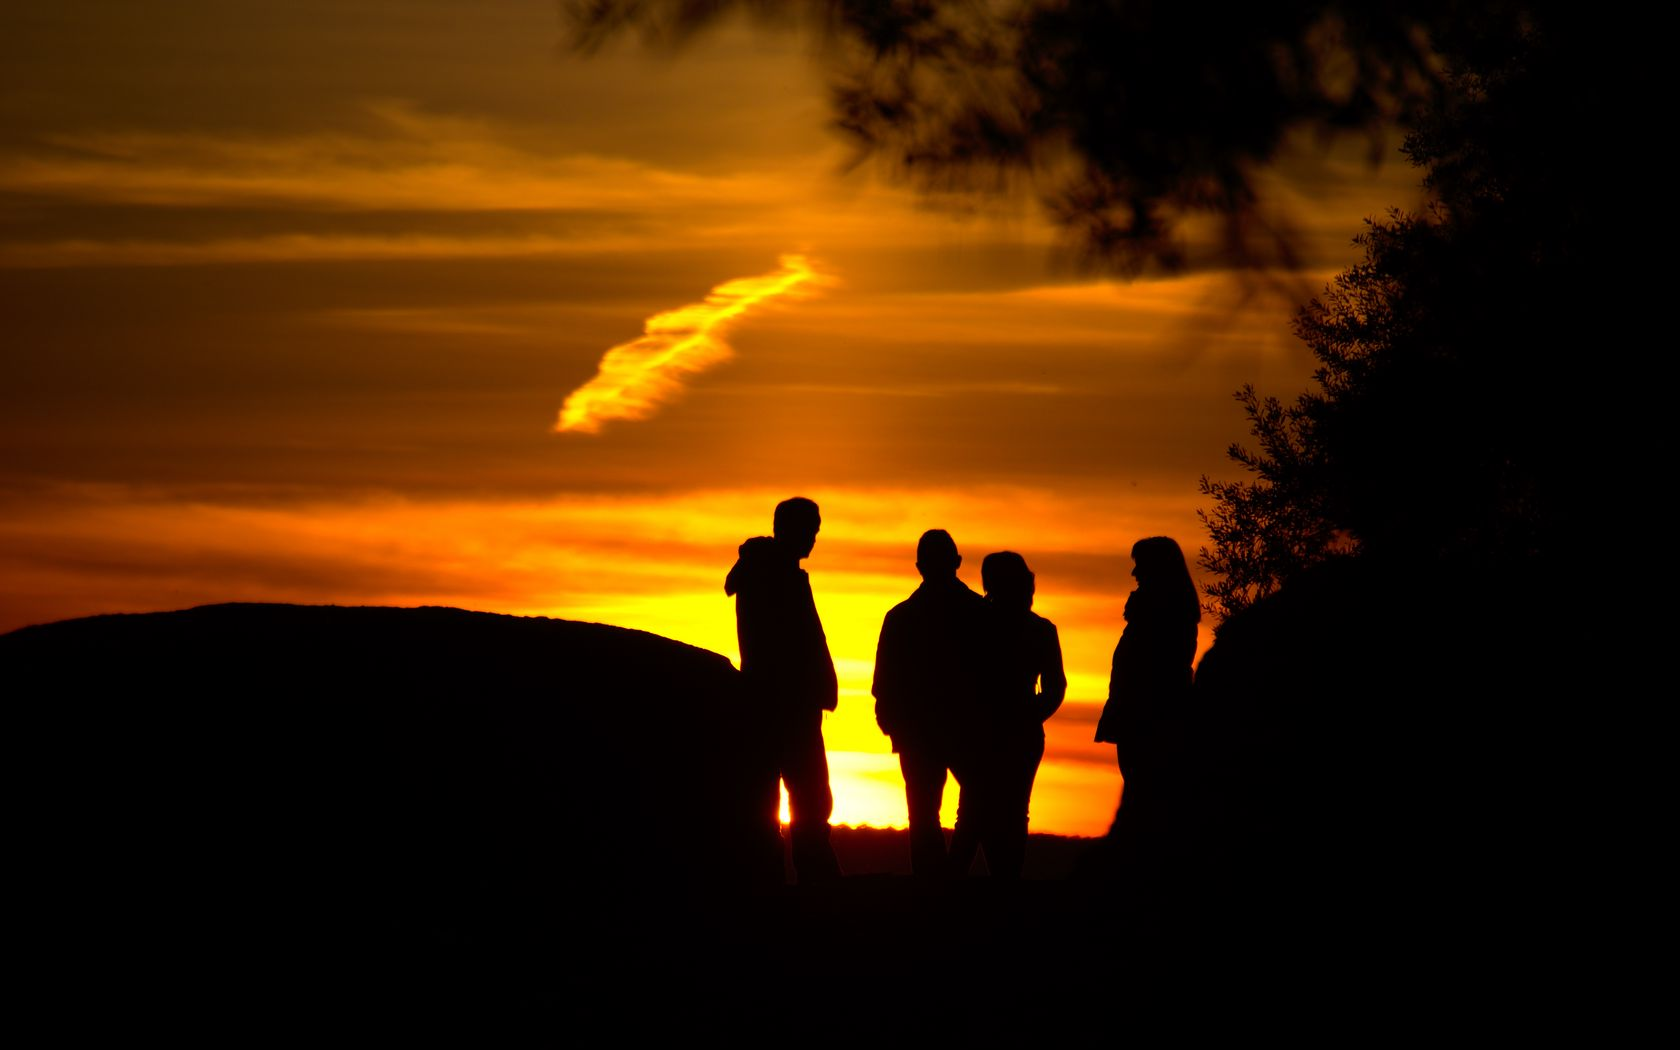 1680x1050 Wallpaper silhouettes, friends, sunset, light, dark